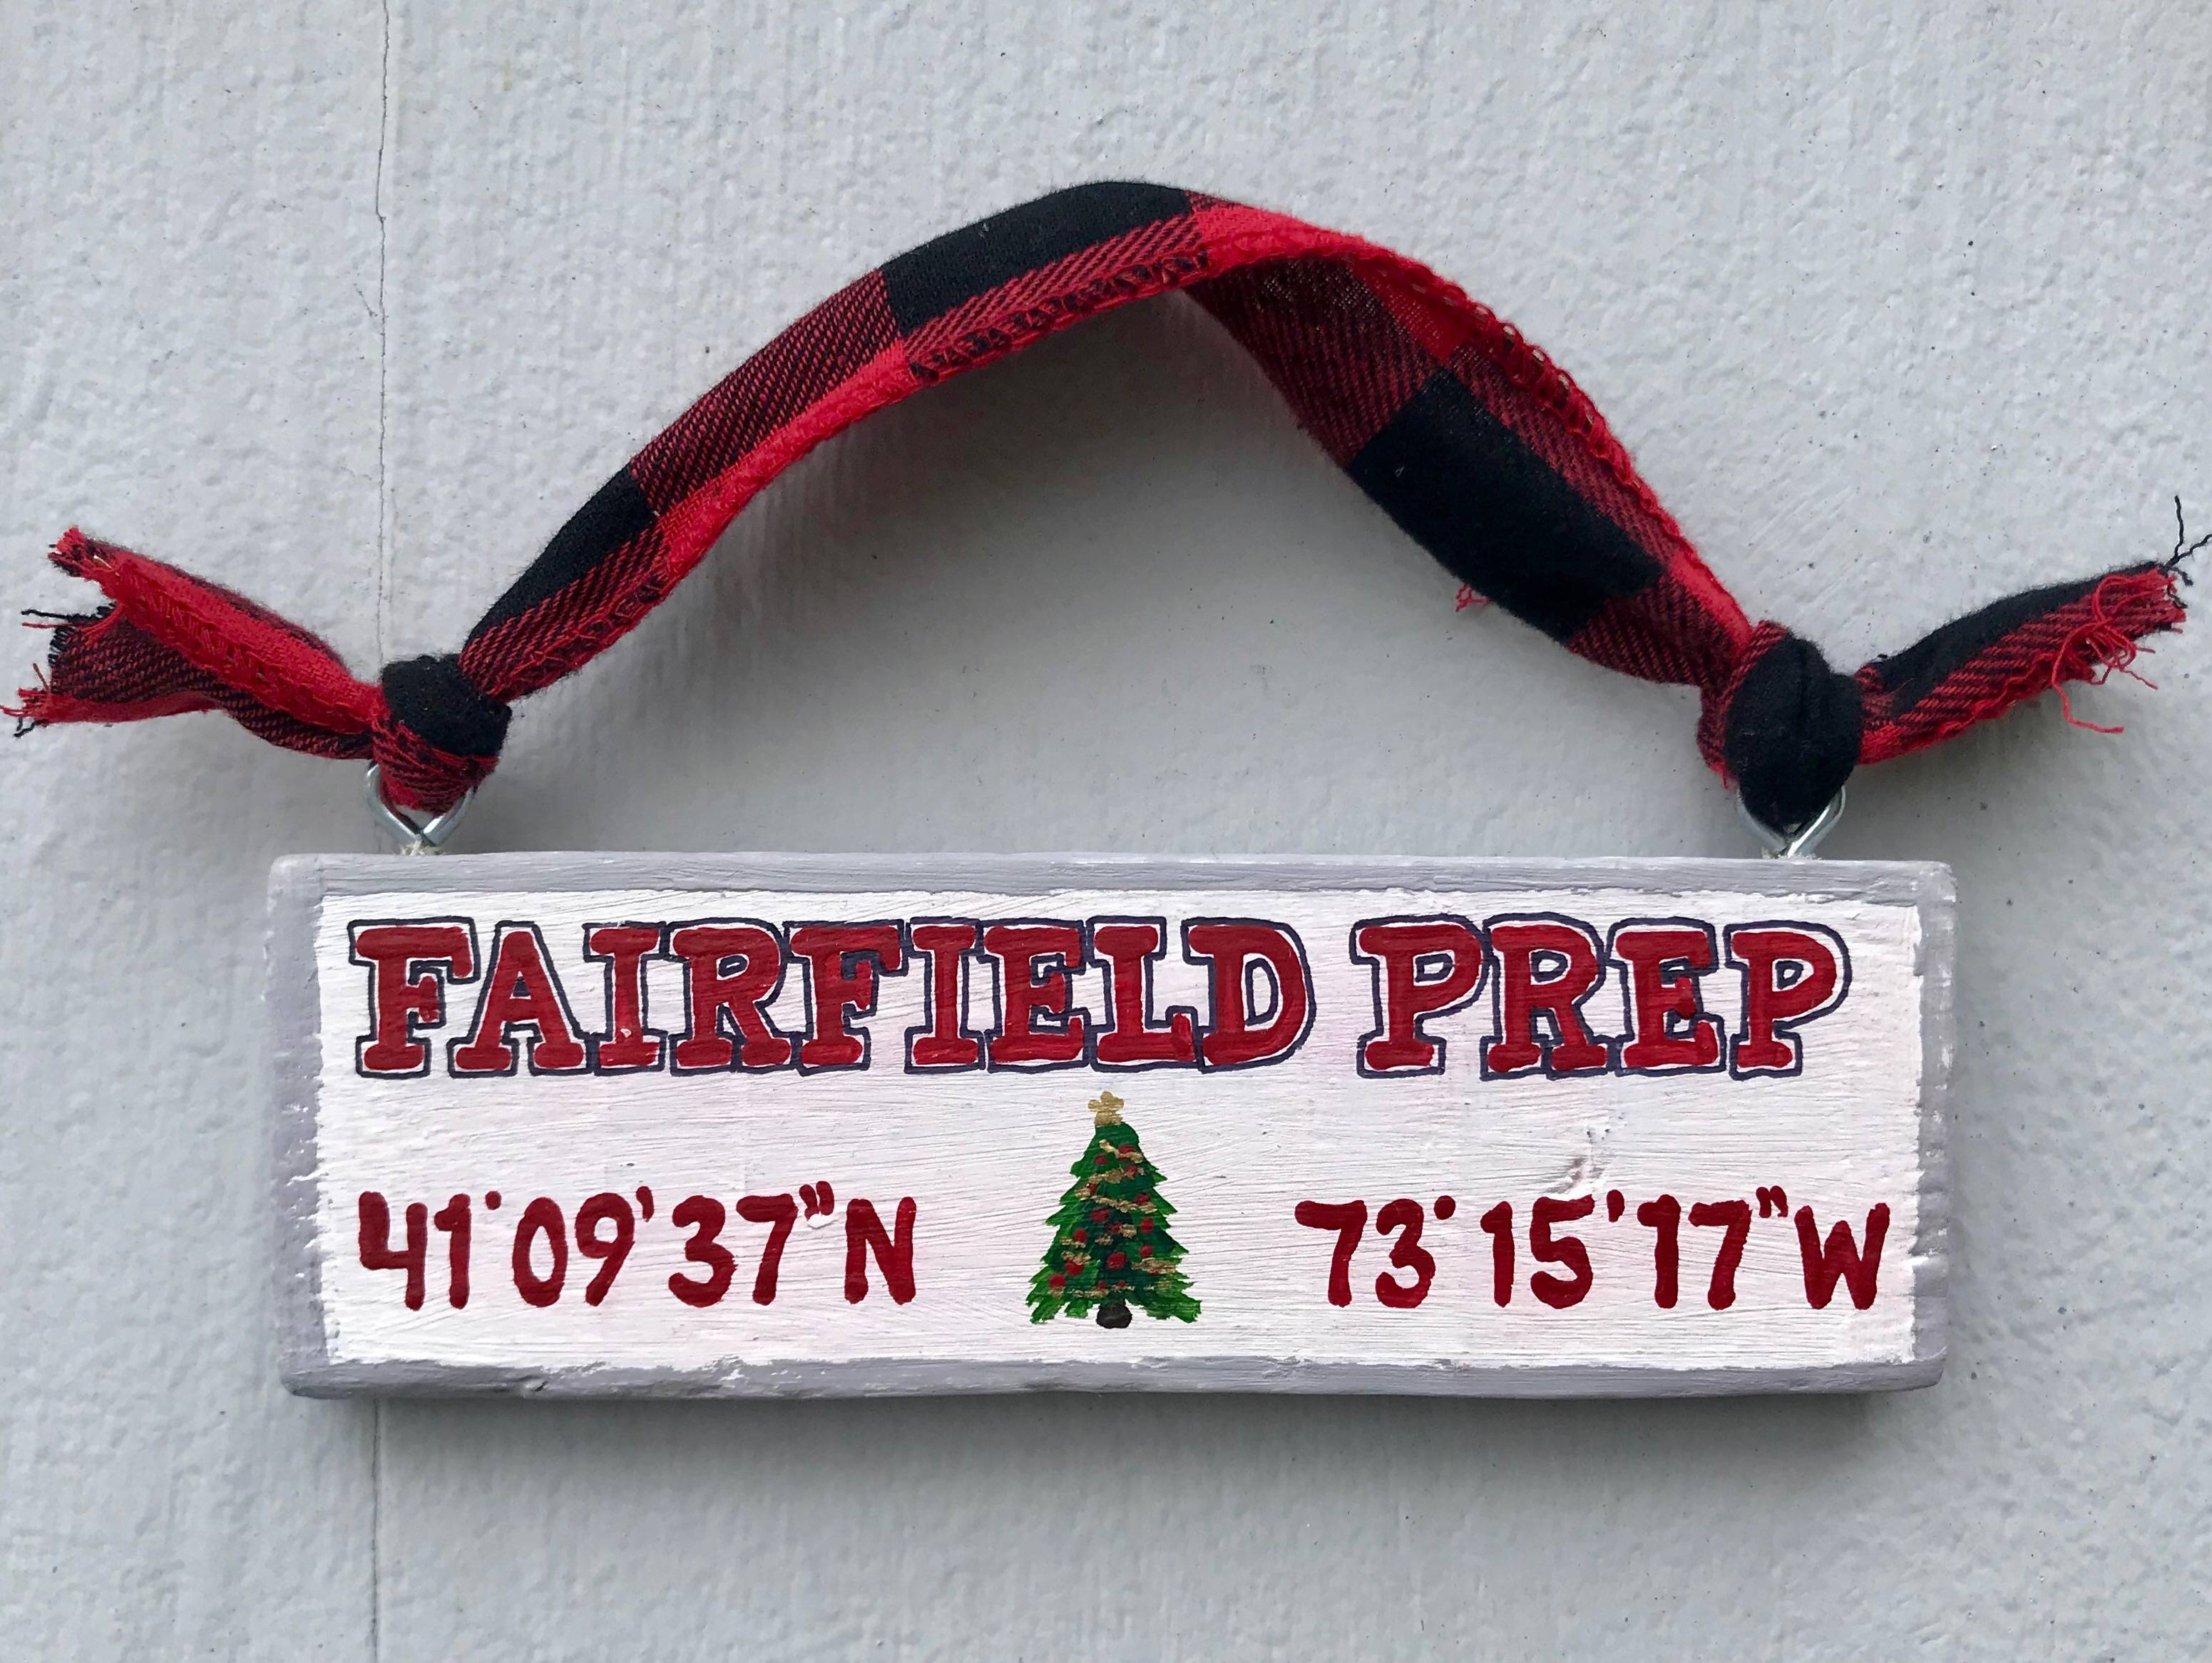 School Pride ornament